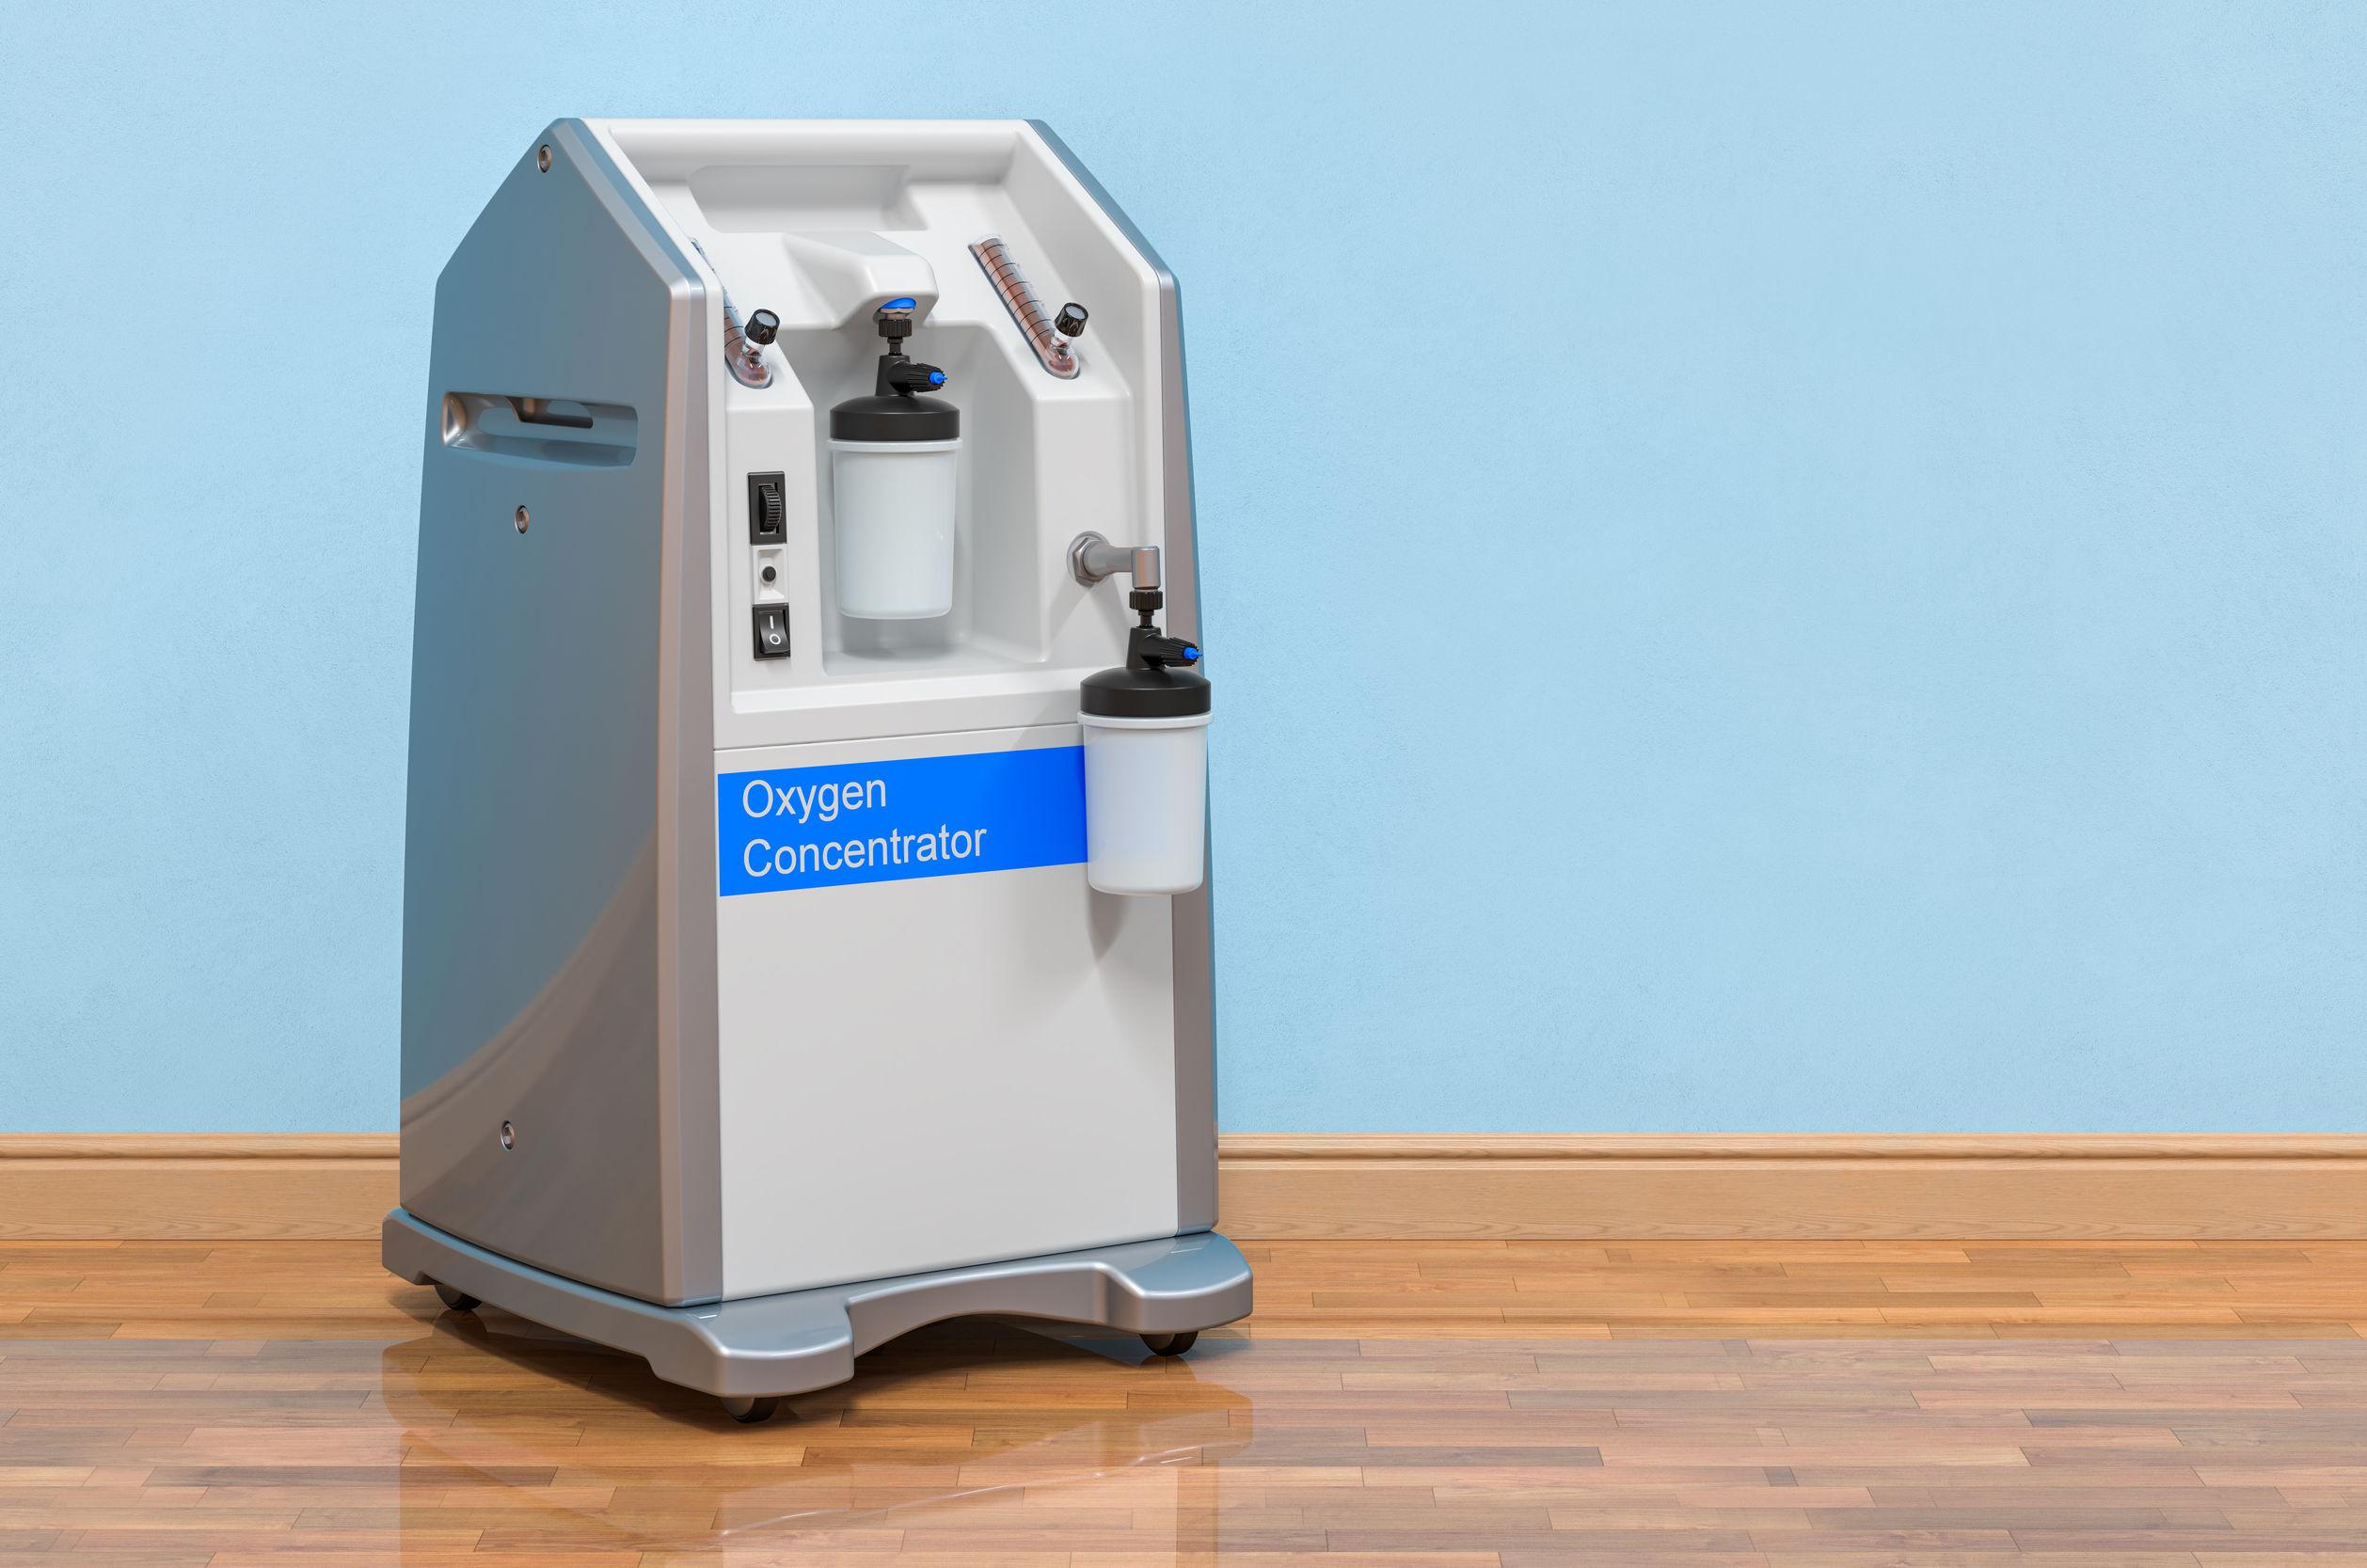 Miglior concentratore di ossigeno 2021: Guida all'acquisto